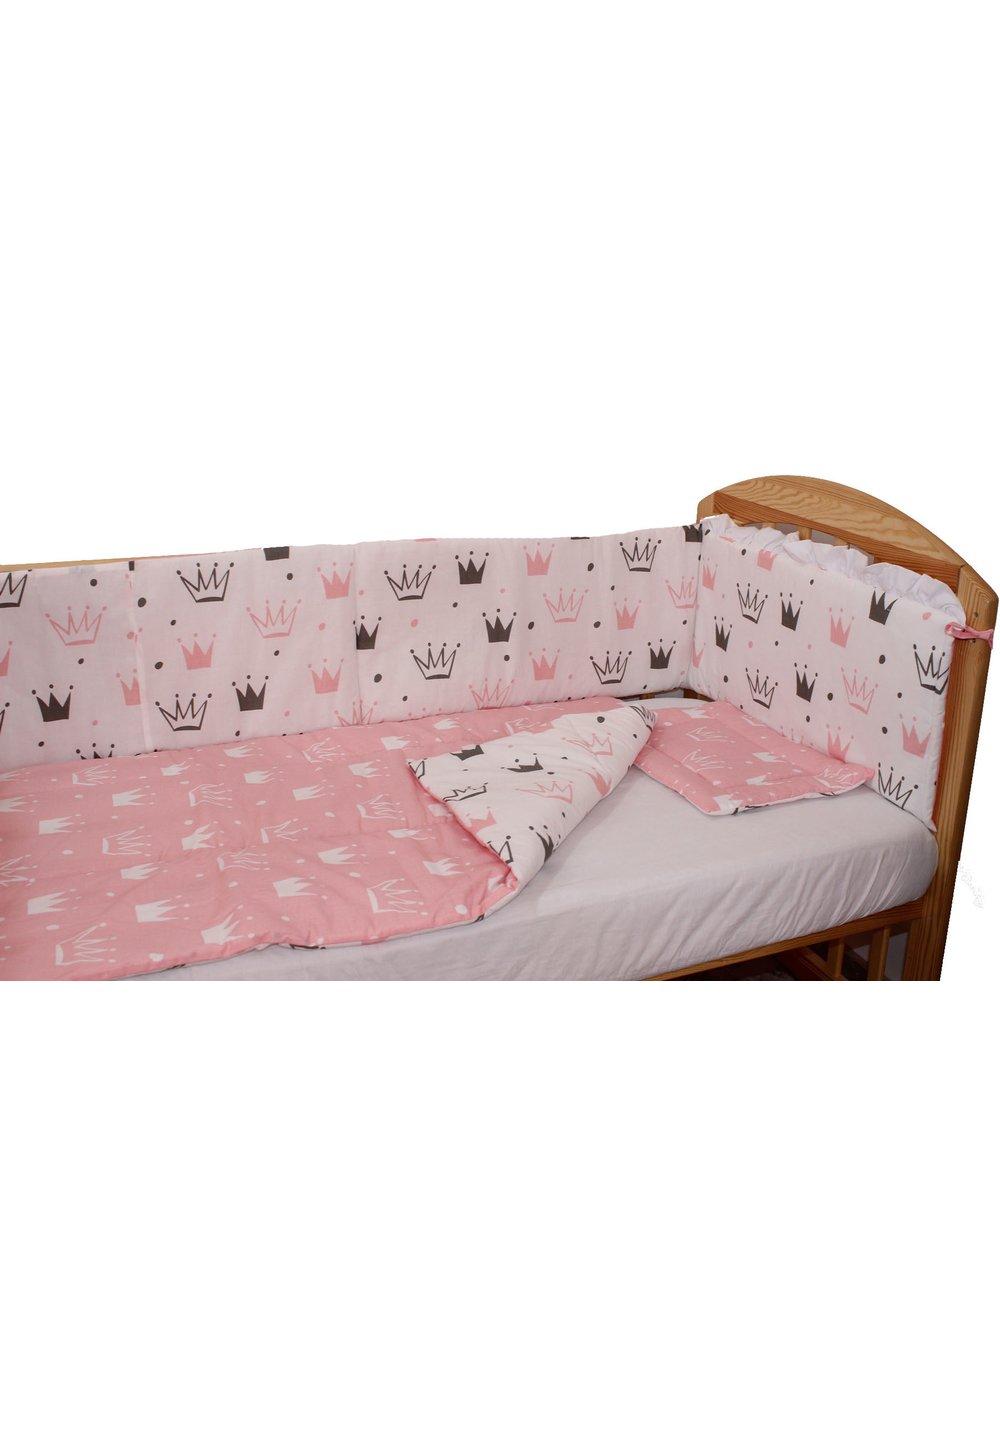 Lenjerie 4 piese, 2 fete, coronite Princess roz, 120 x 60 cm imagine